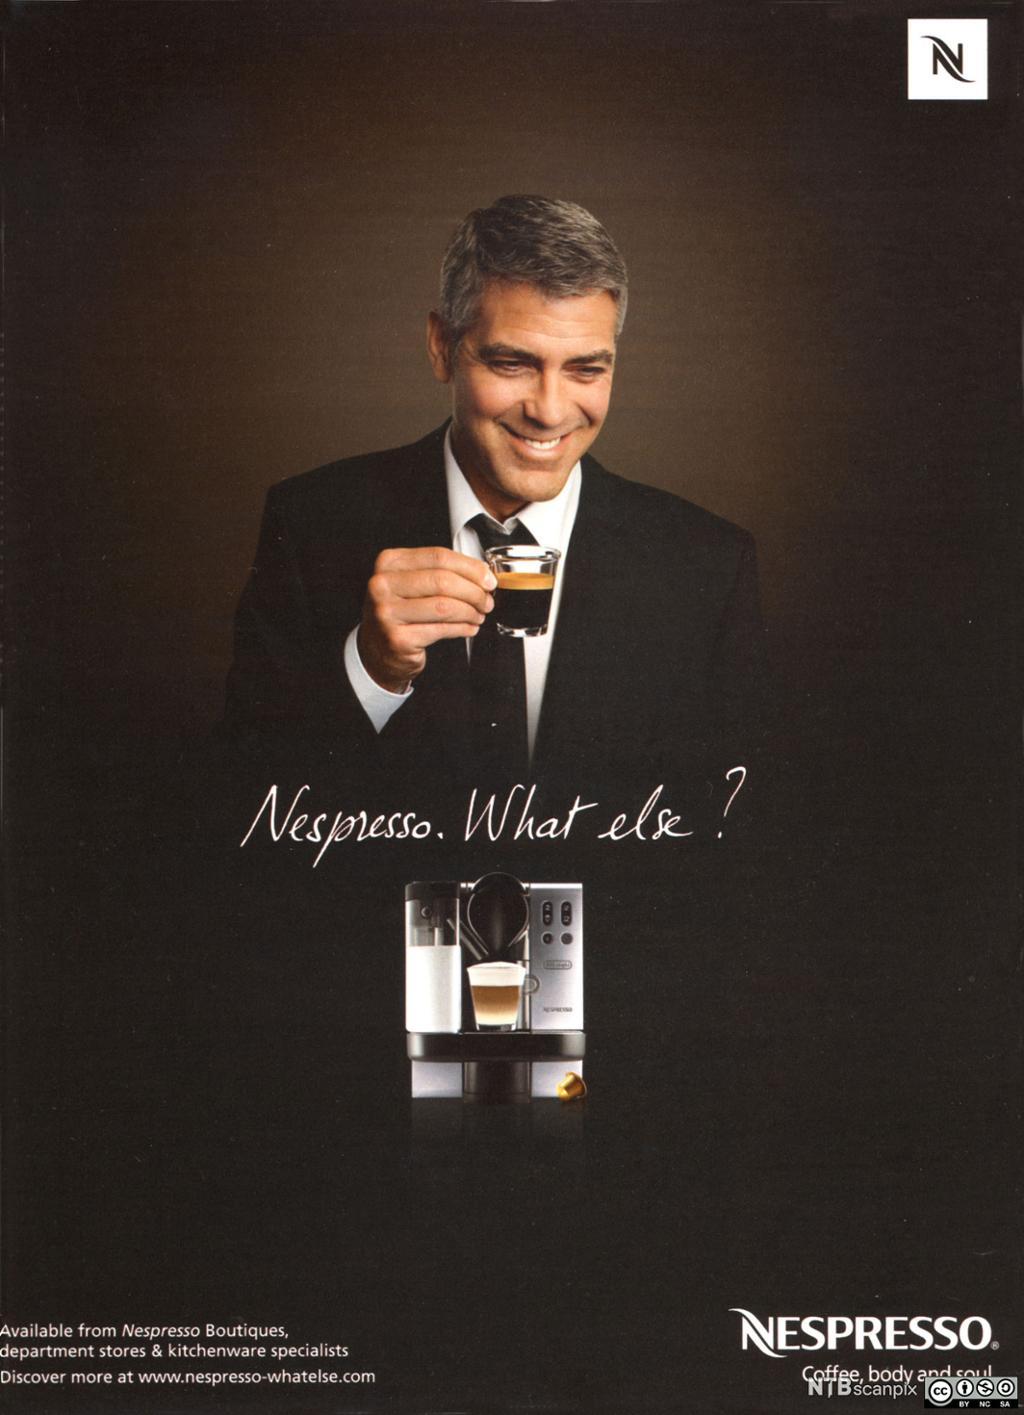 Bilde av George Clooney i reklame for Nespresso.